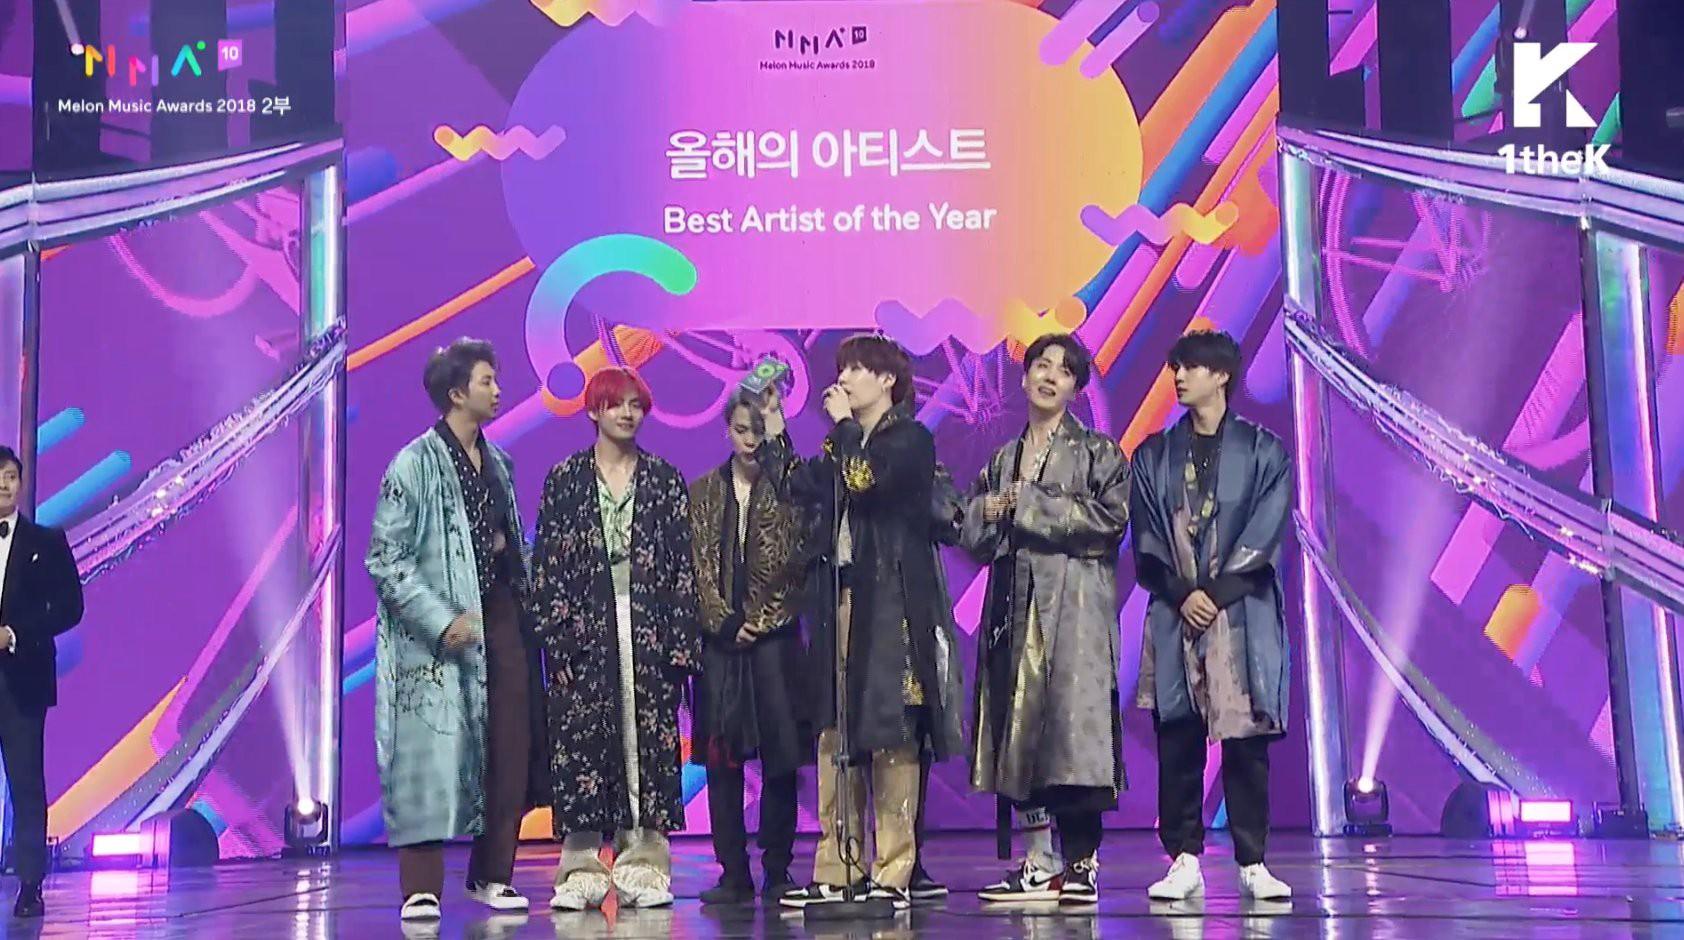 """MelOn Music Awards 2018: B.I mếu máo, đi không nổi khi iKON thắng Daesang, BTS """"ẵm"""" Daesang """"kép"""" - Ảnh 4."""